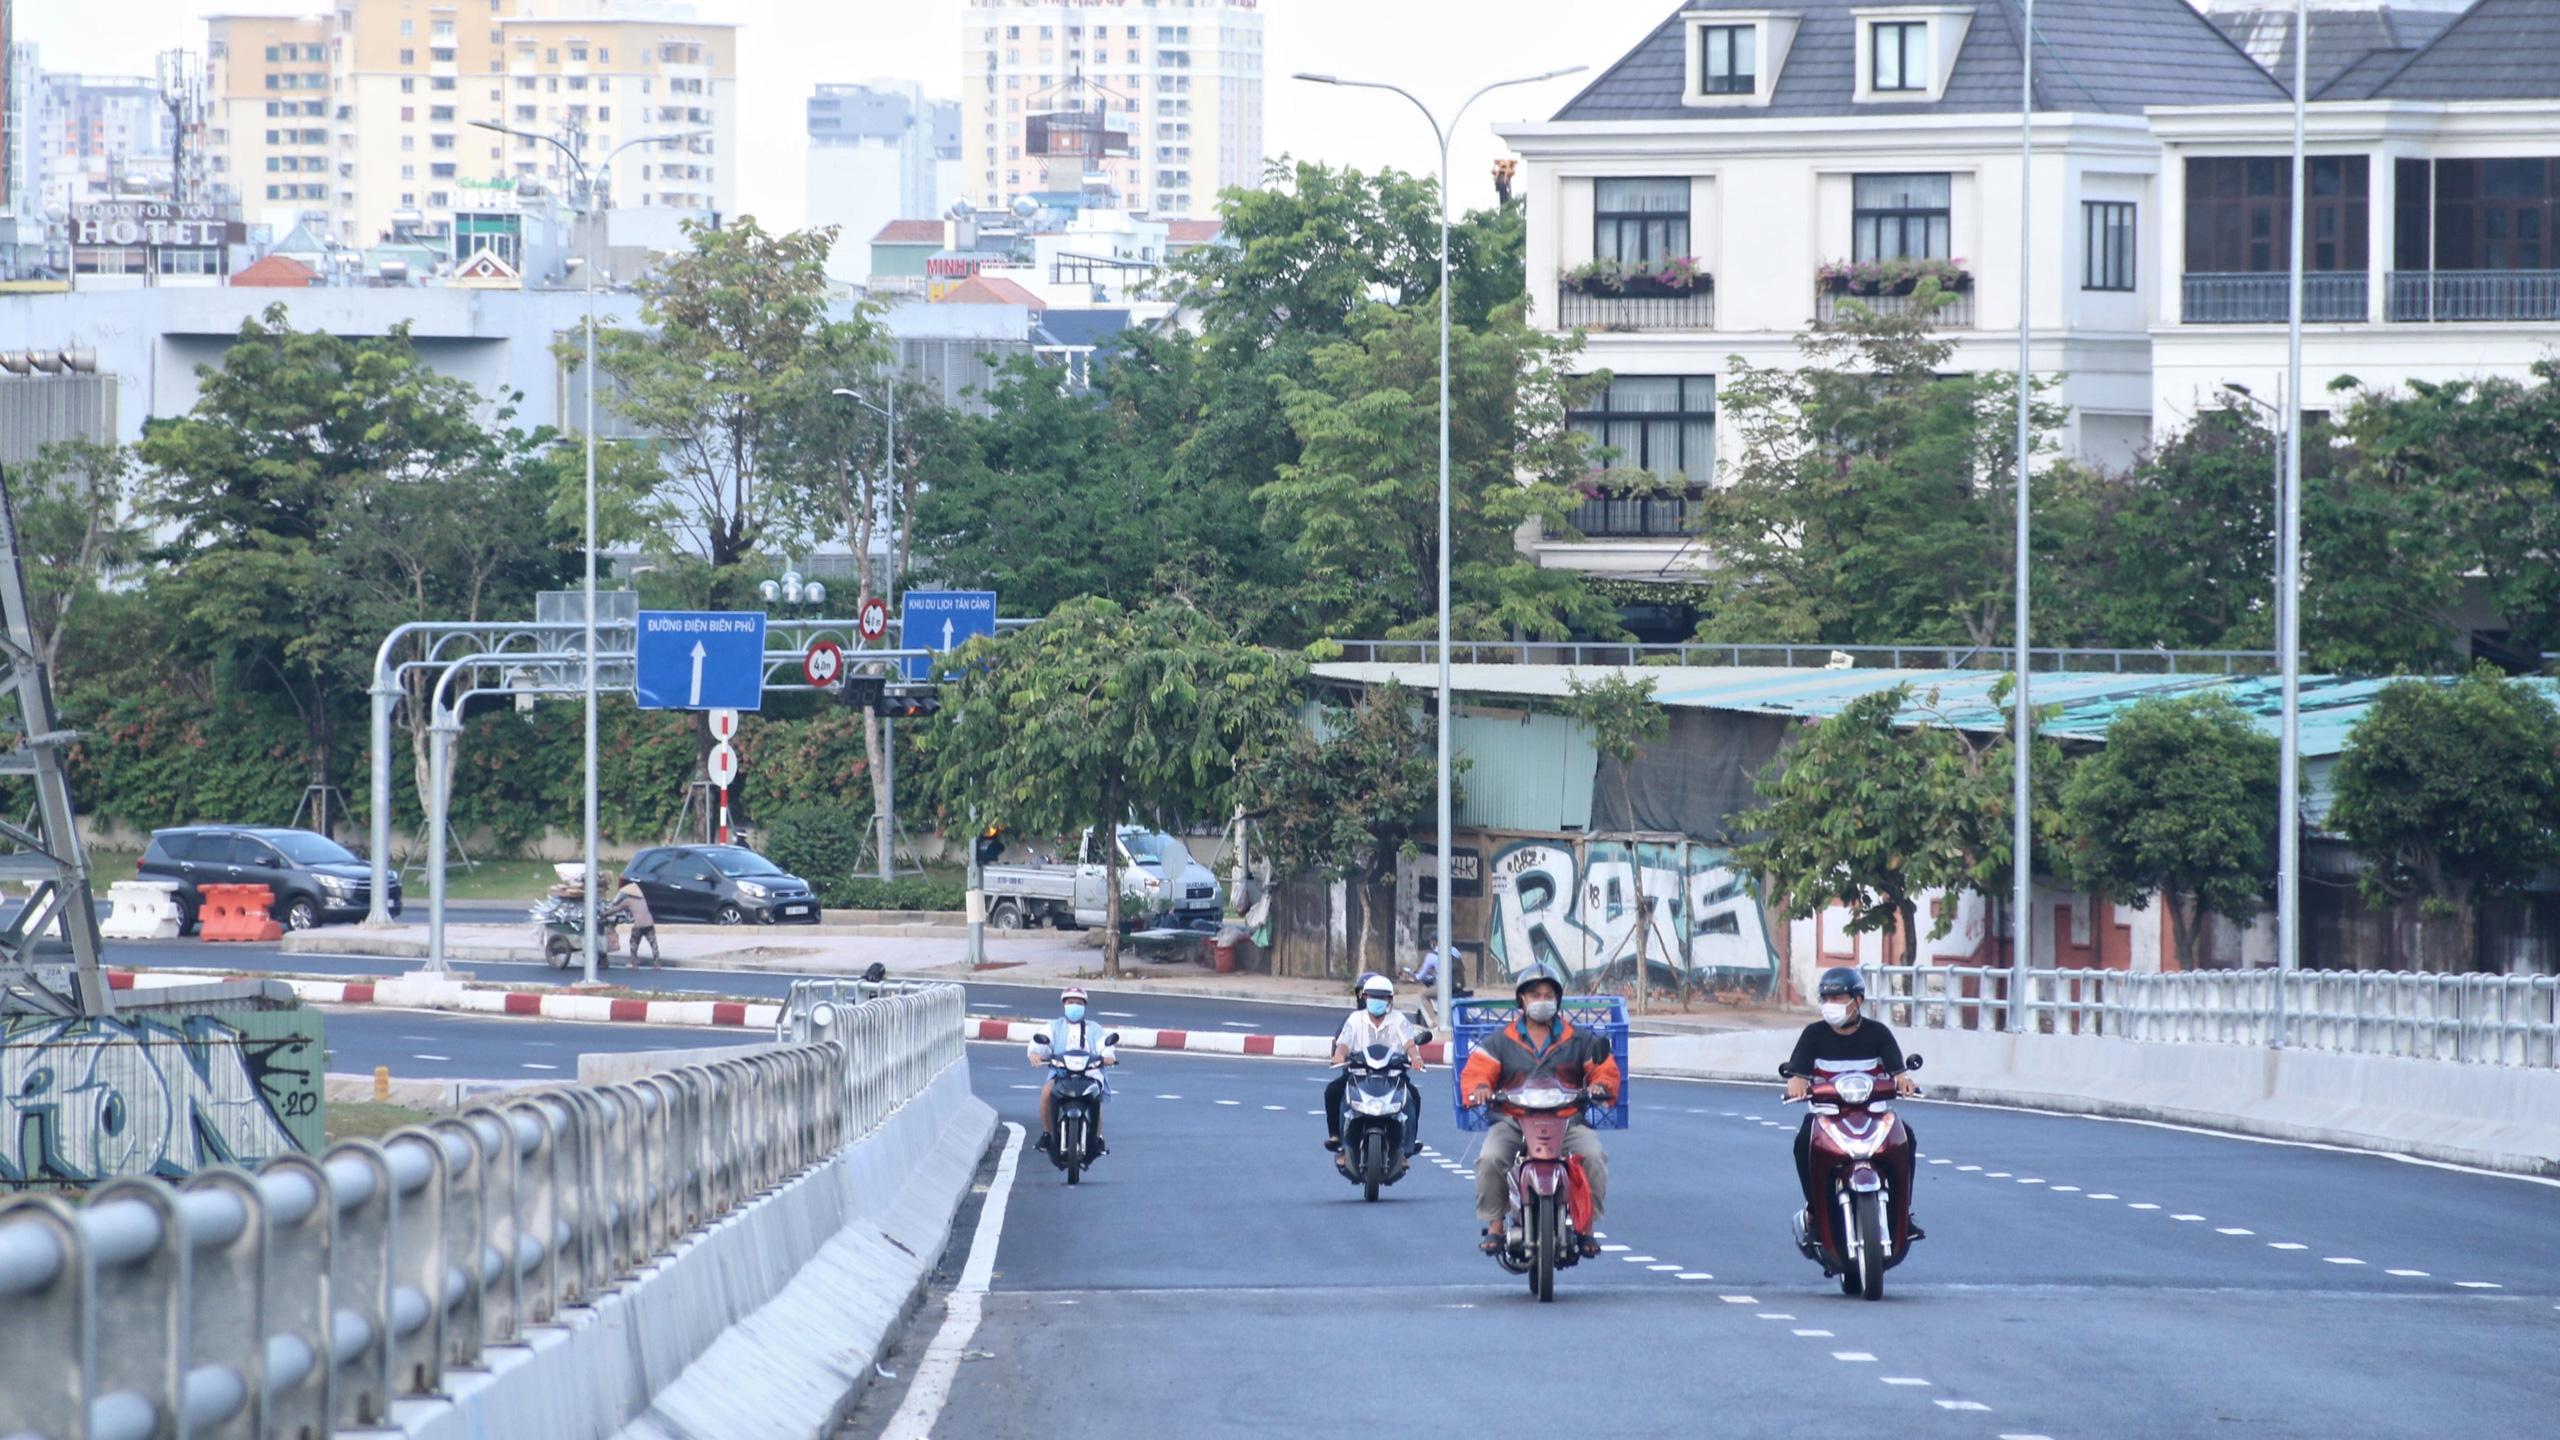 Trung tâm Sài Gòn thoáng đãng sau khi thông tuyến đường Nguyễn Hữu Cảnh và Lê Lợi - Ảnh 2.